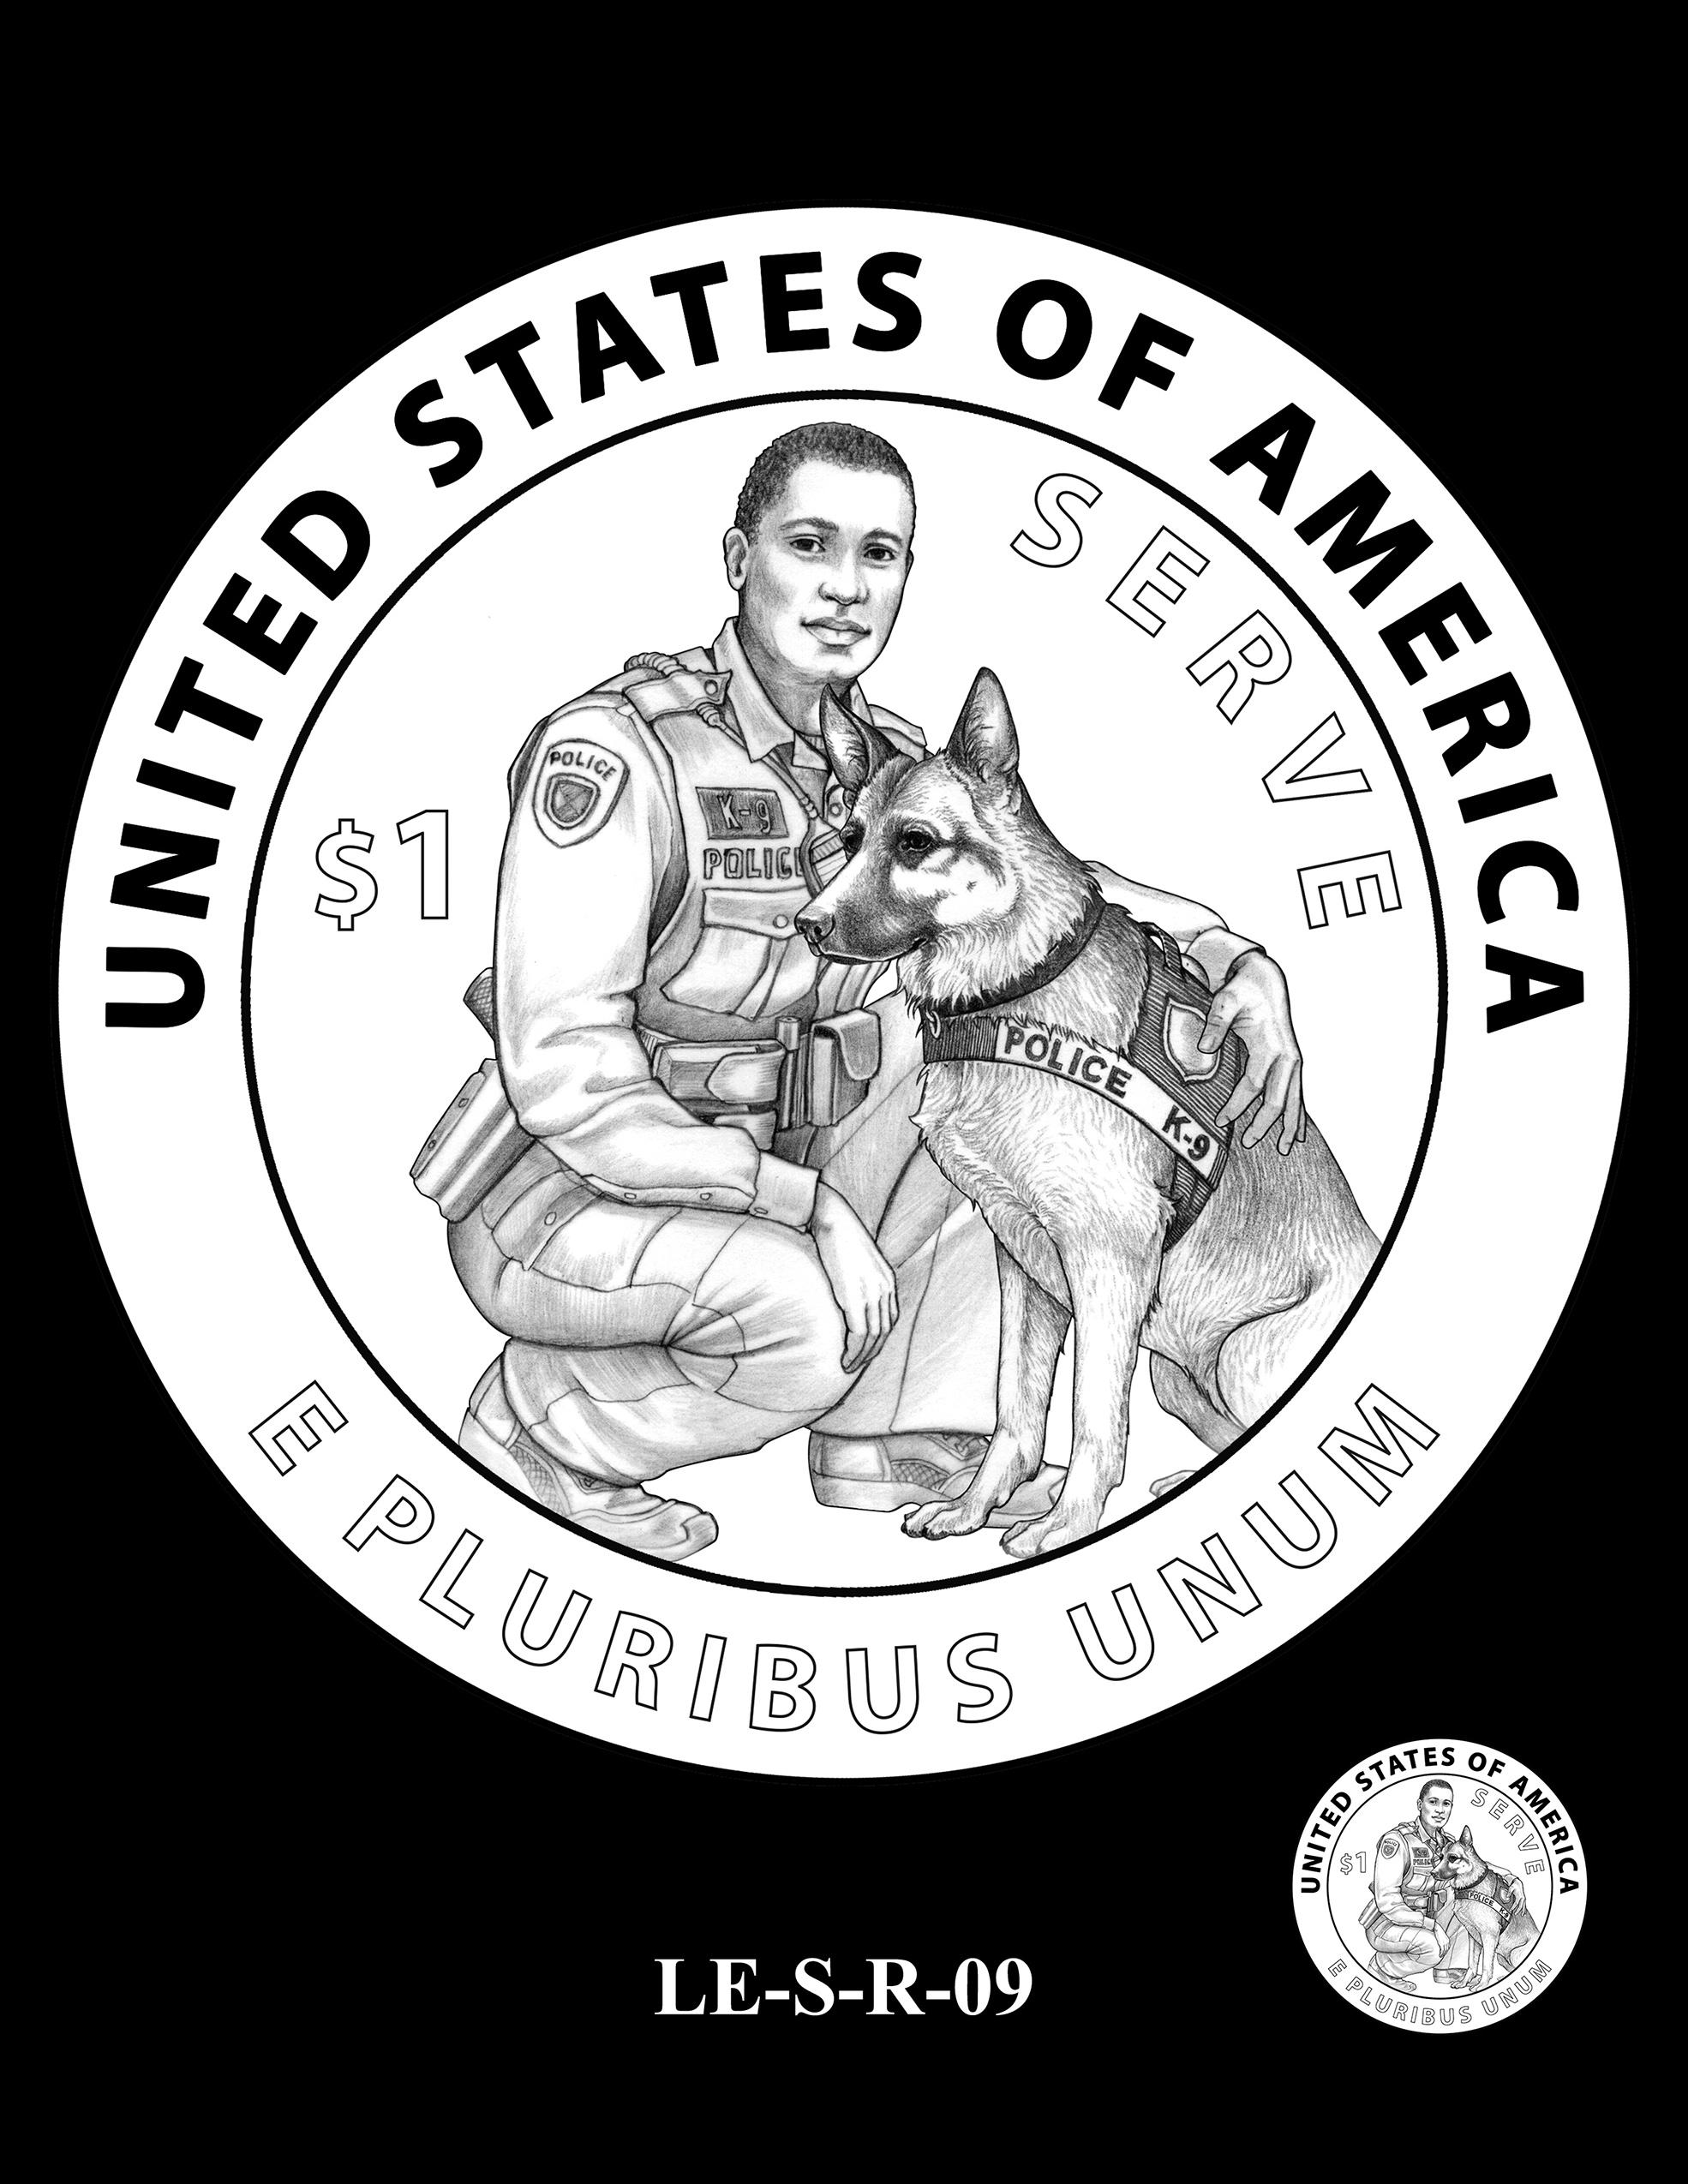 LE-S-R-09 -- National Law Enforcement Museum Commemorative Coin Program